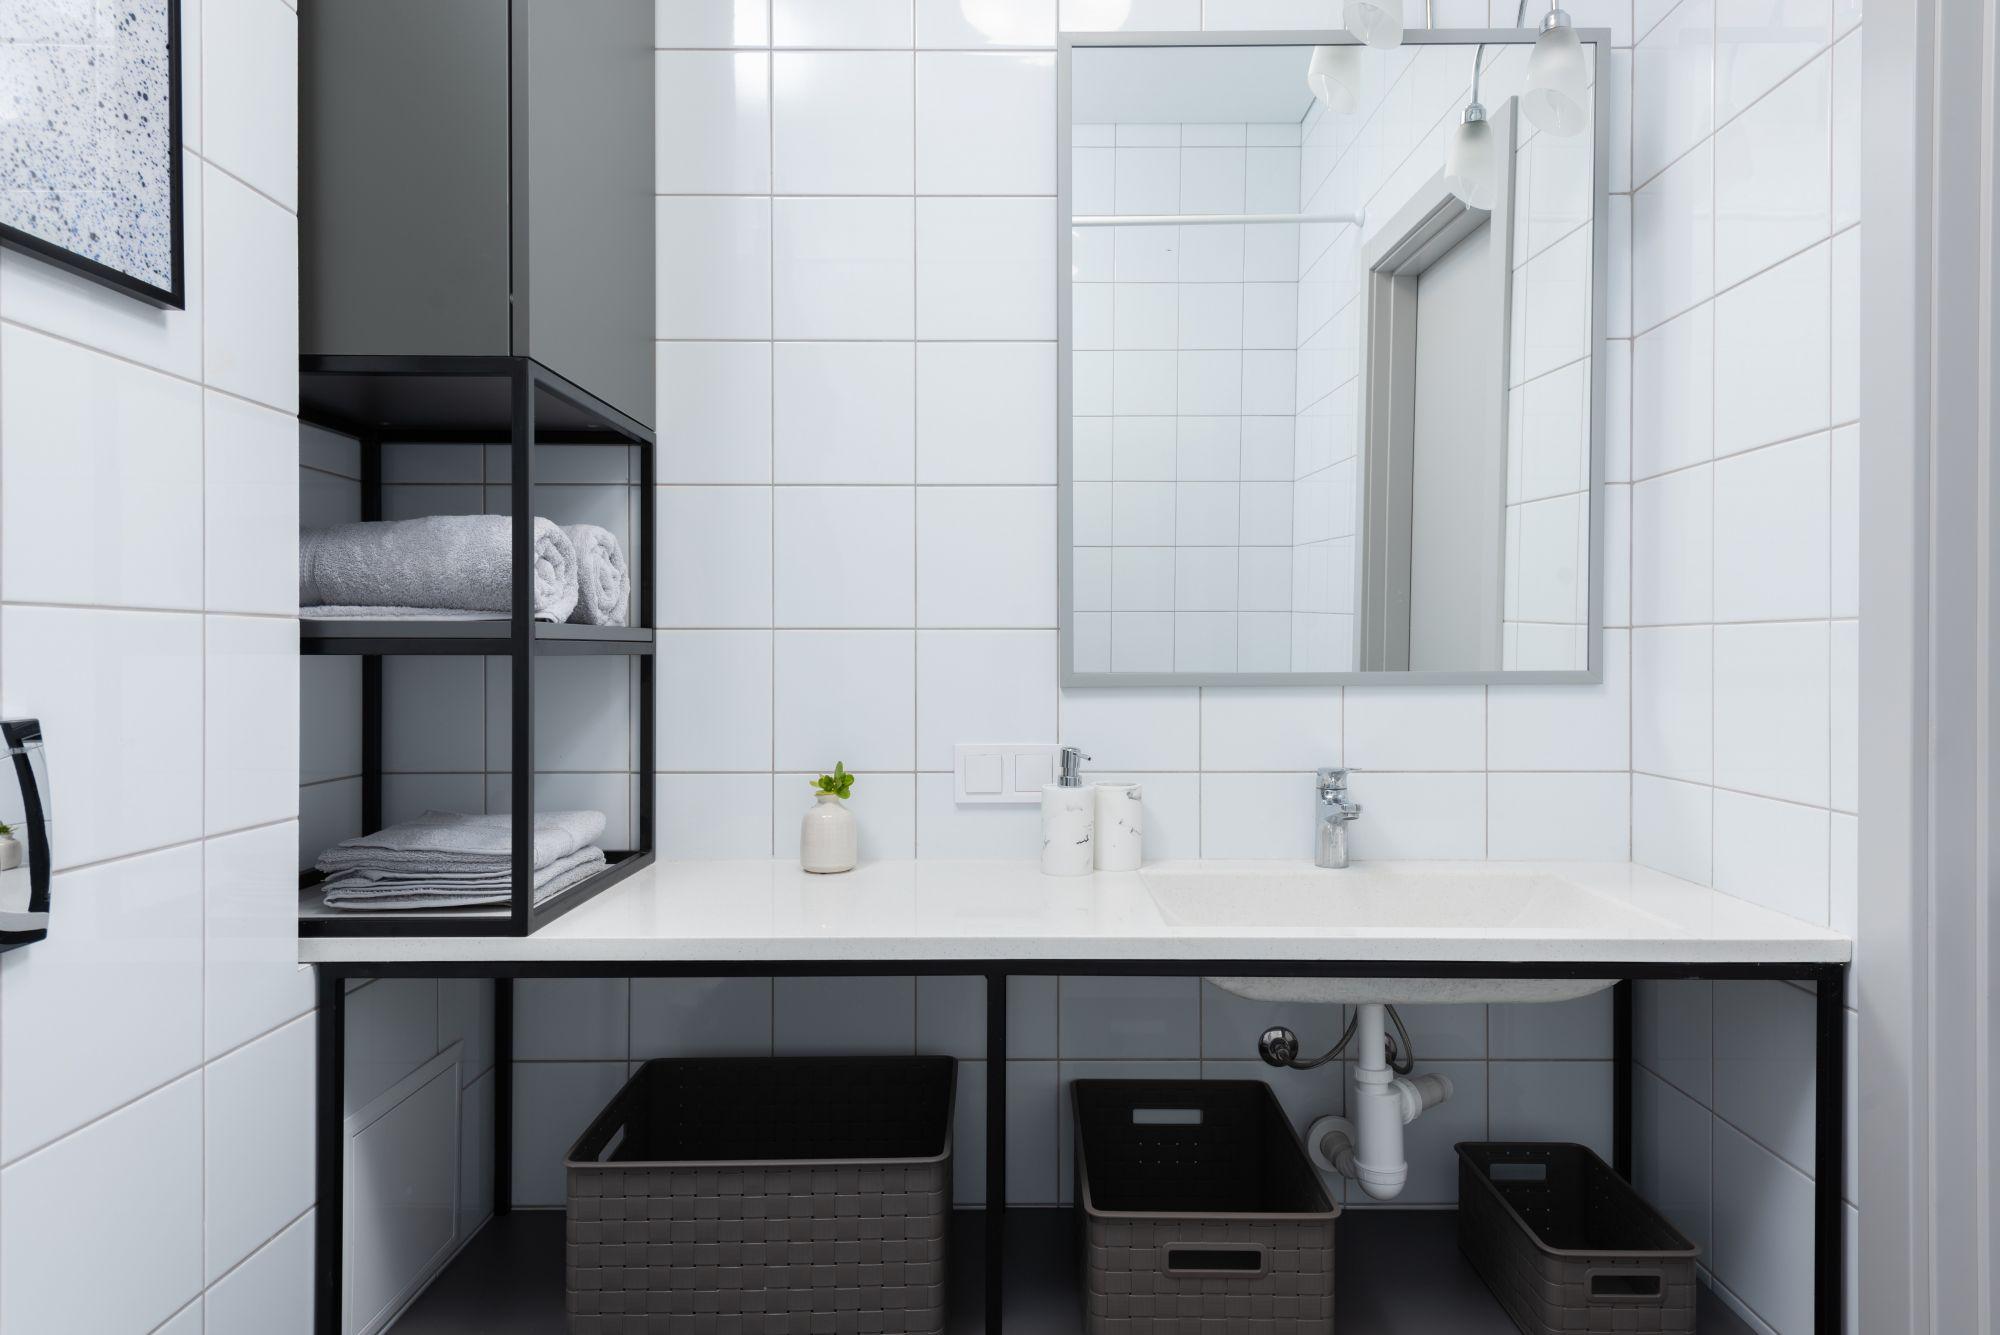 Arredo bagno: efficaci ripiani a parete